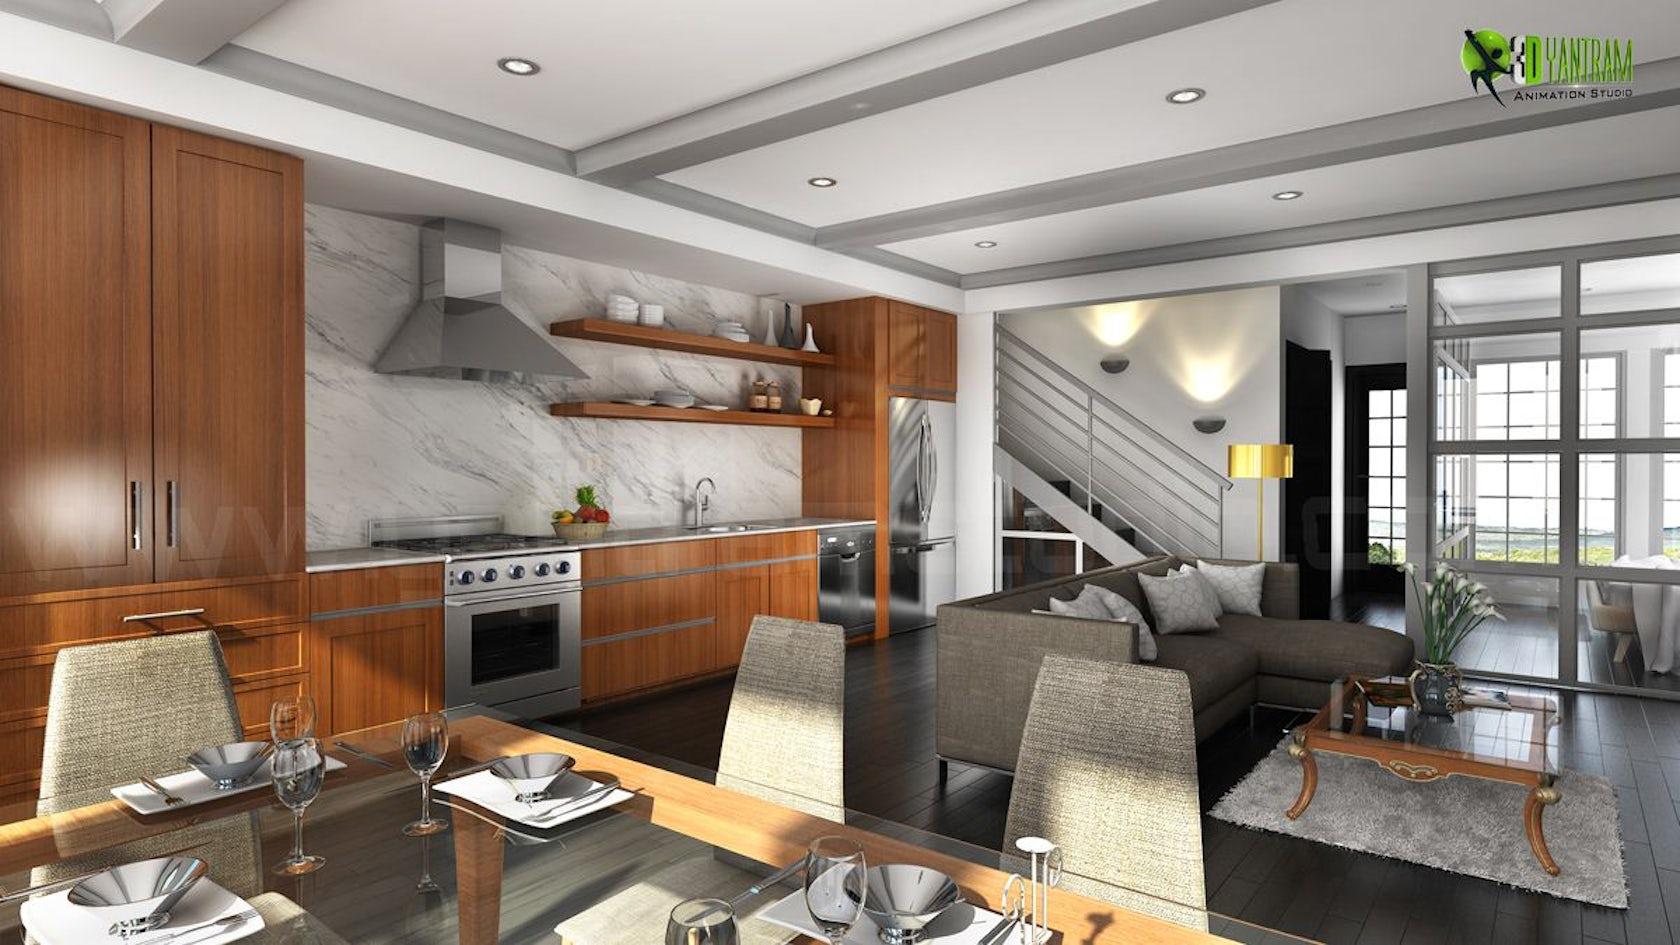 Kitchen interior design architizer Residential kitchen interior design